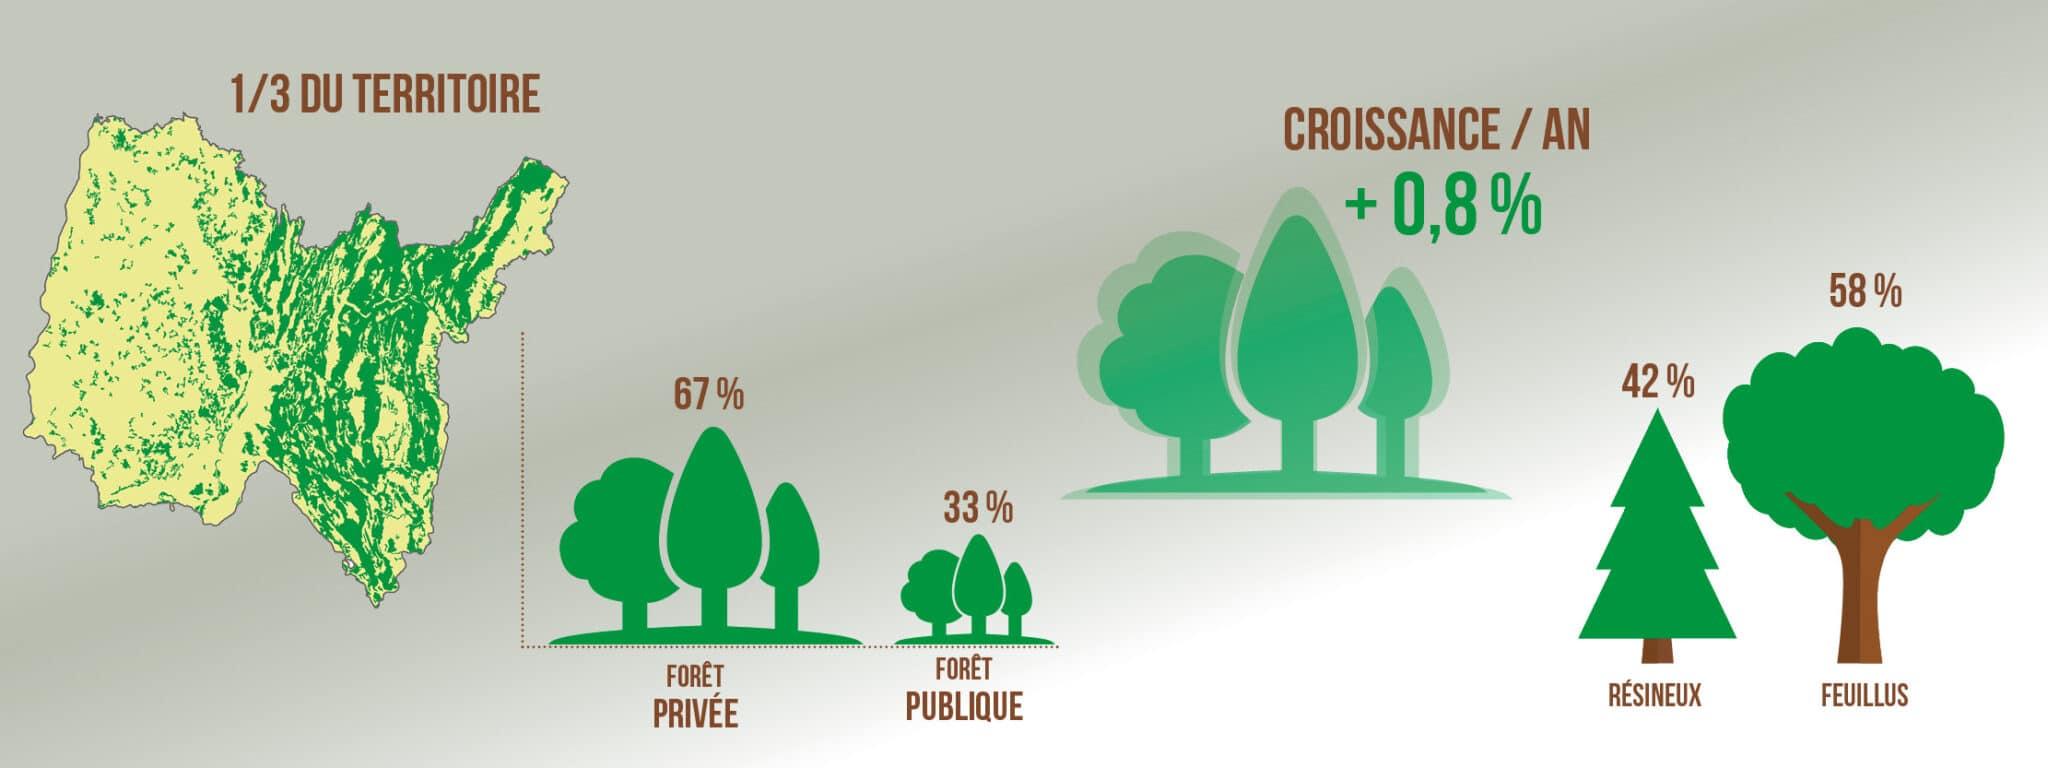 La forêt aindinoise en chiffres 2021